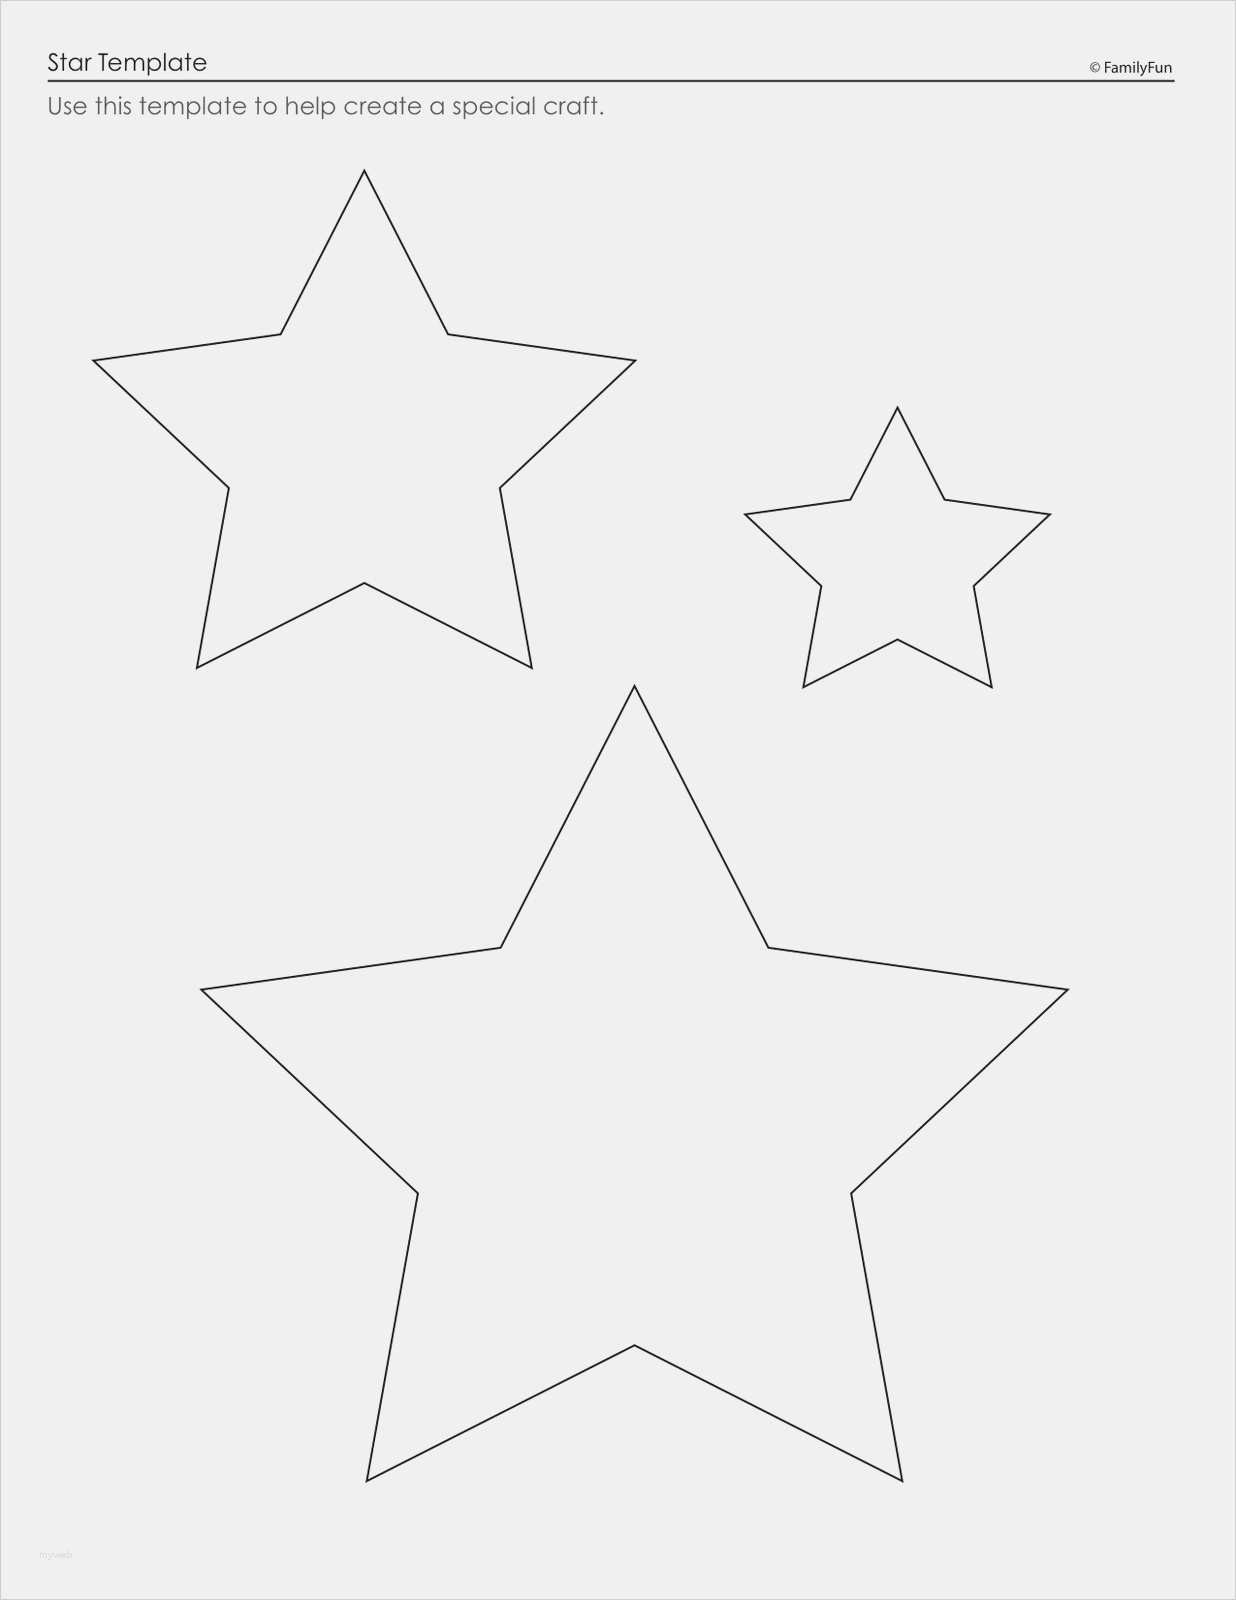 Ausmalbilder Sterne Inspirierend sonne Mond Und Sterne Zum Ausmalen Galerie